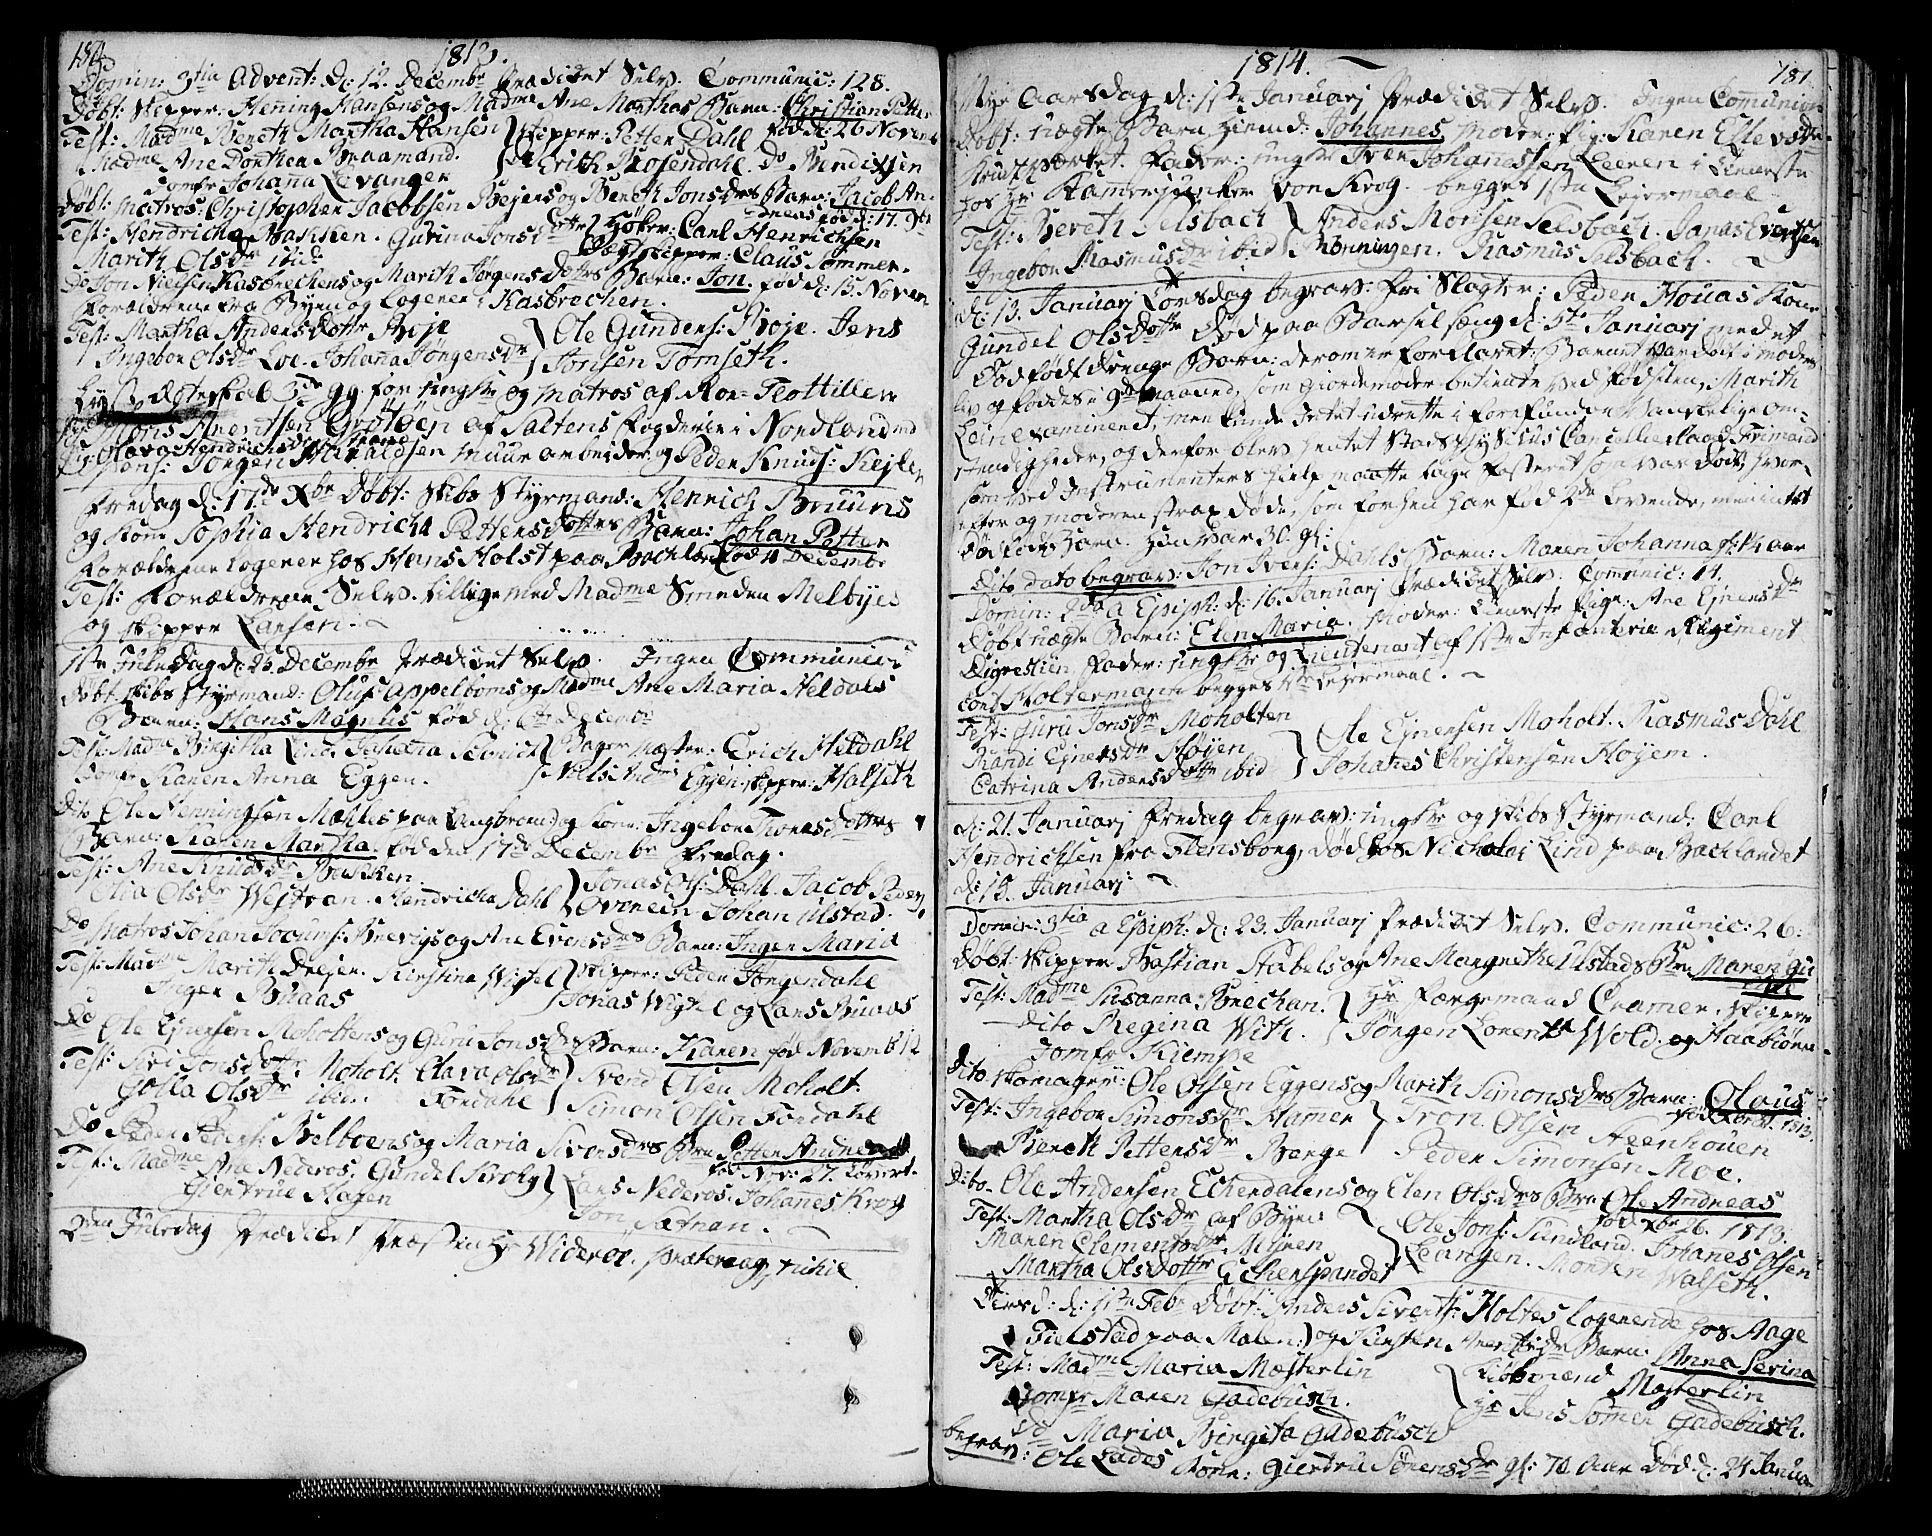 SAT, Ministerialprotokoller, klokkerbøker og fødselsregistre - Sør-Trøndelag, 604/L0181: Ministerialbok nr. 604A02, 1798-1817, s. 180-181